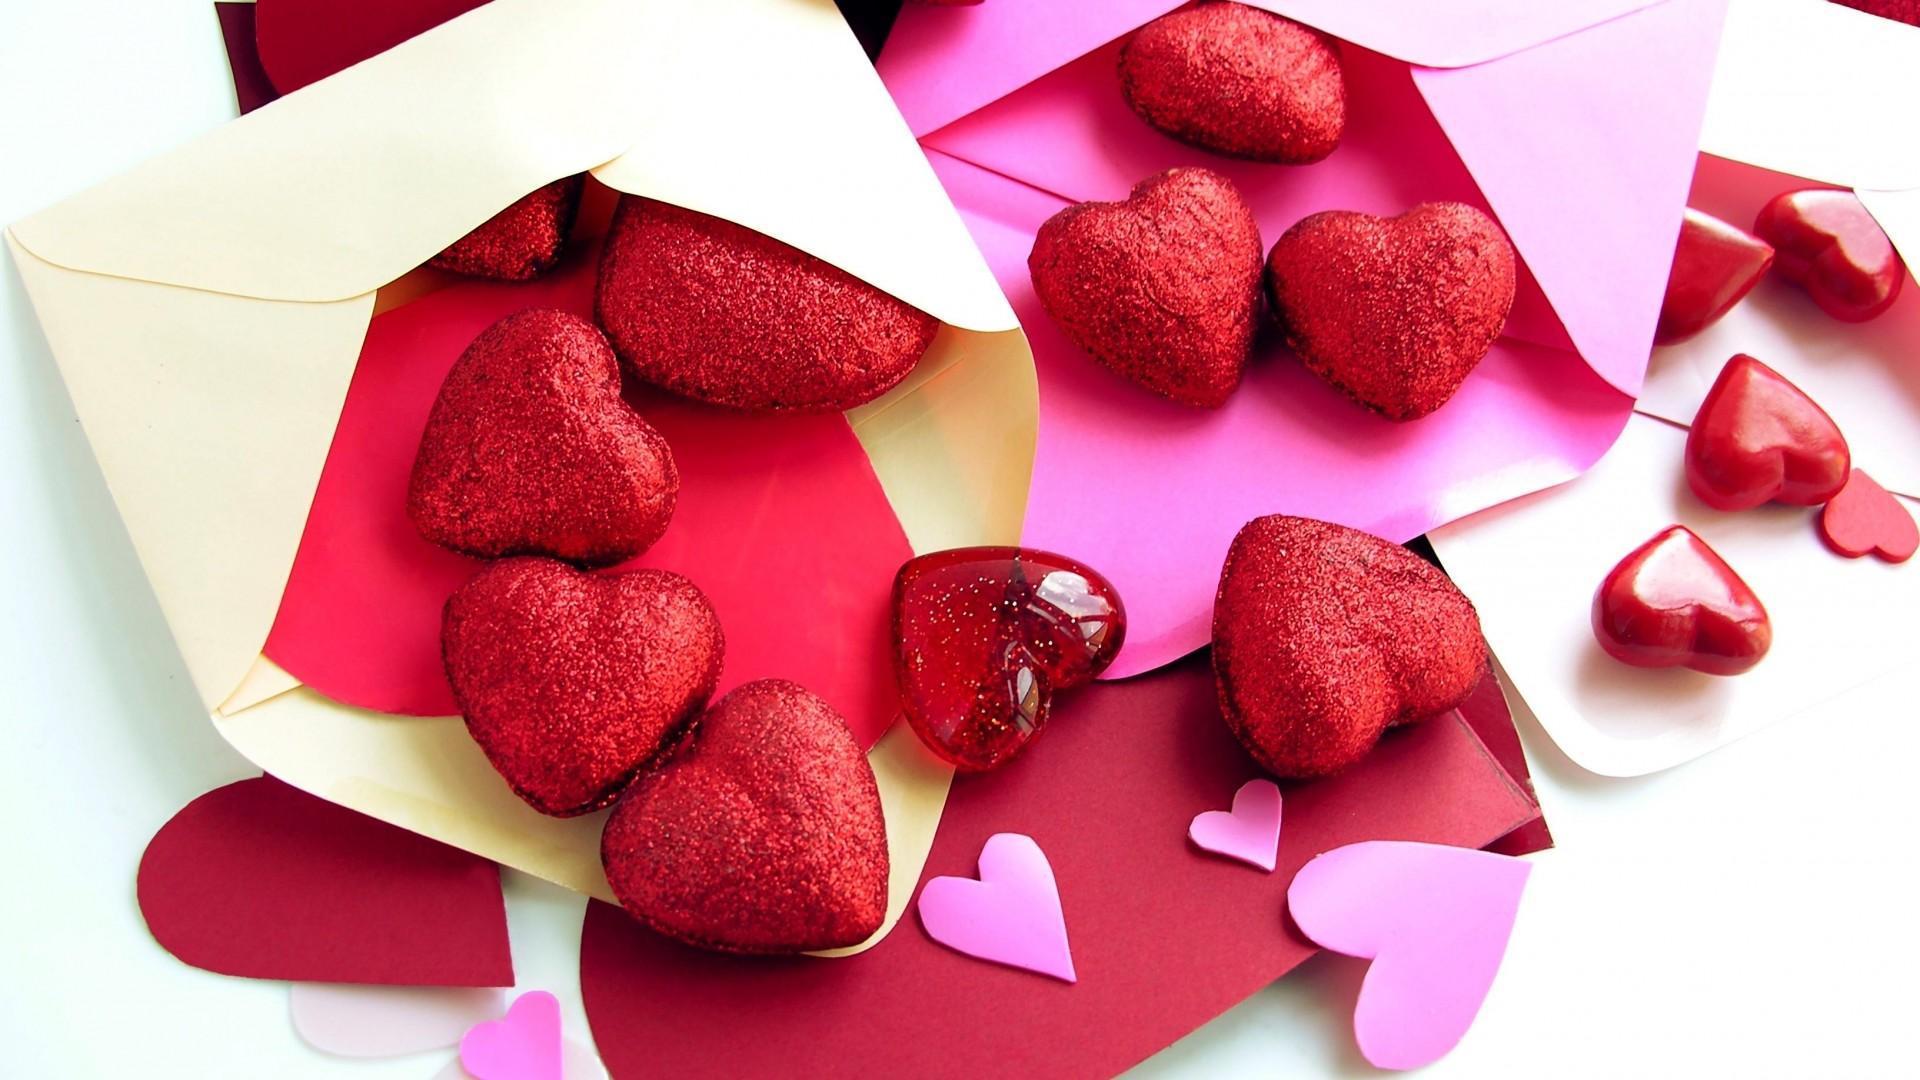 счету день святого валентина необычные картинки настойчиво